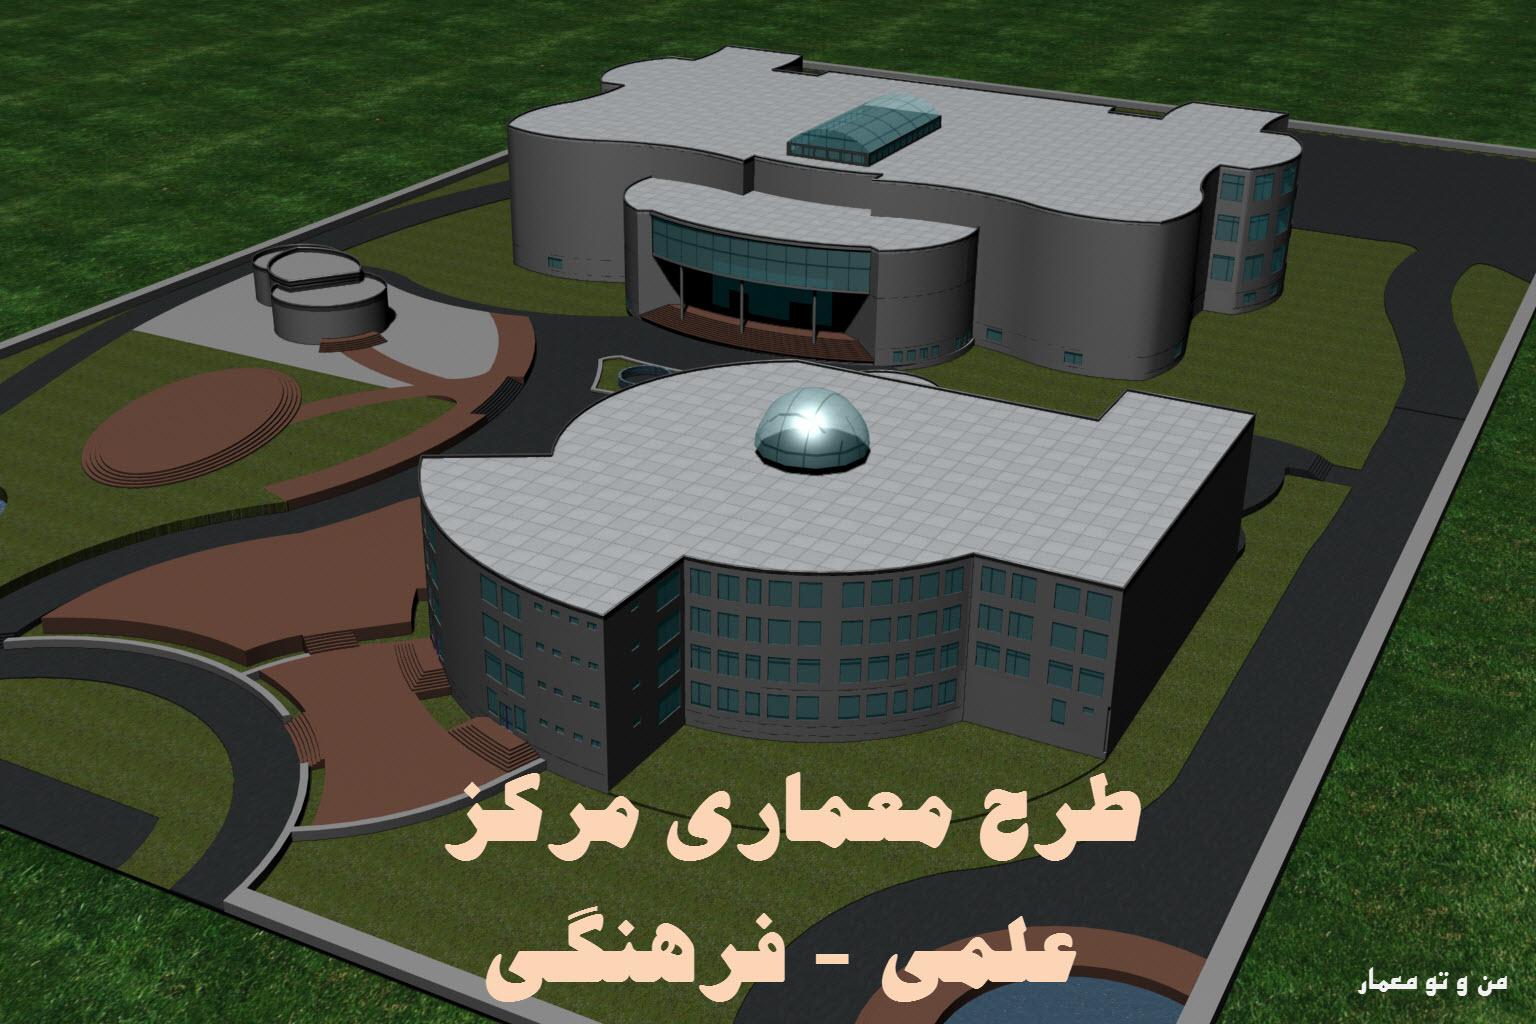 پلان کامل مرکز علمی فرهنگی